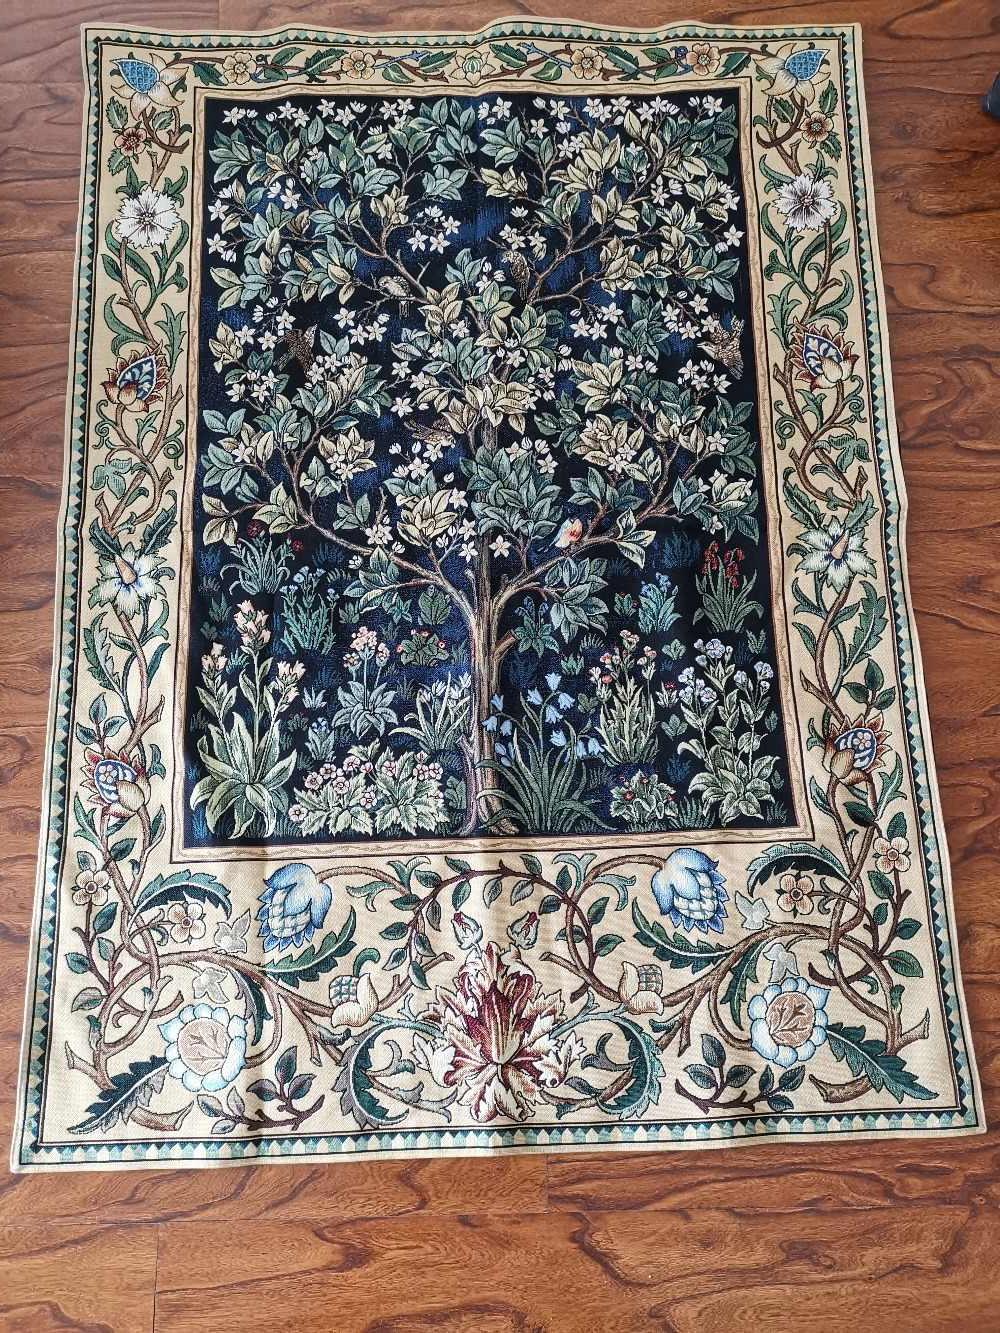 2019 Blended Fabric Tree Of Life, William Morris Wall Hangings Intended For William Morris Blue Tree Of Life 140*107cm Antique Textile Decorative Belgiu Wall Hanging Tapestry For Home Decorative Tapestry (View 12 of 20)